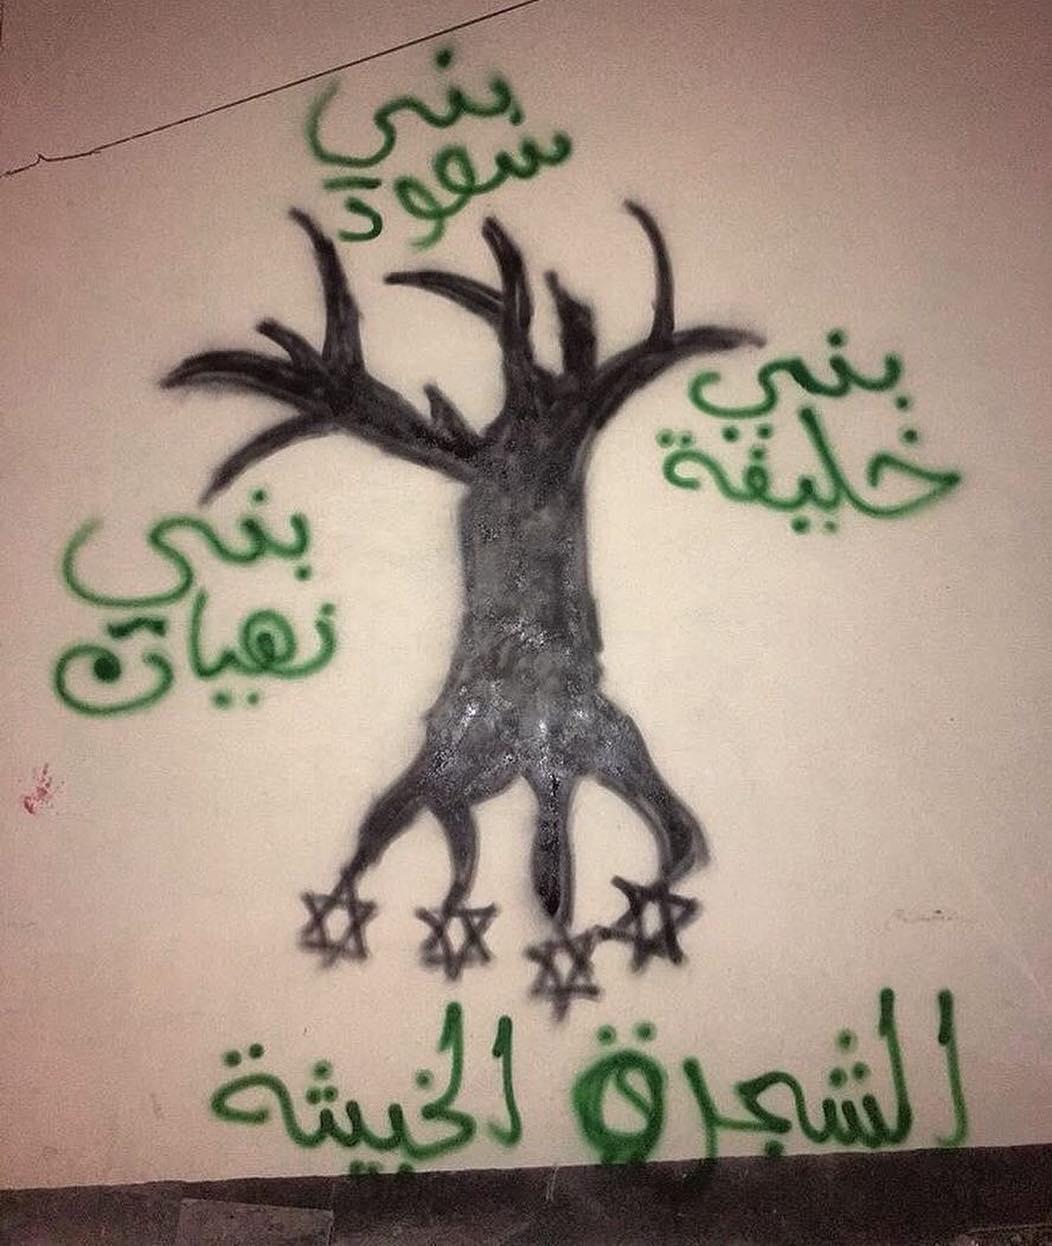 صحيفة الأحرار في عدّة مناطق تزدان بالشعارات الثوريّة والبوسترات التعريفيّة